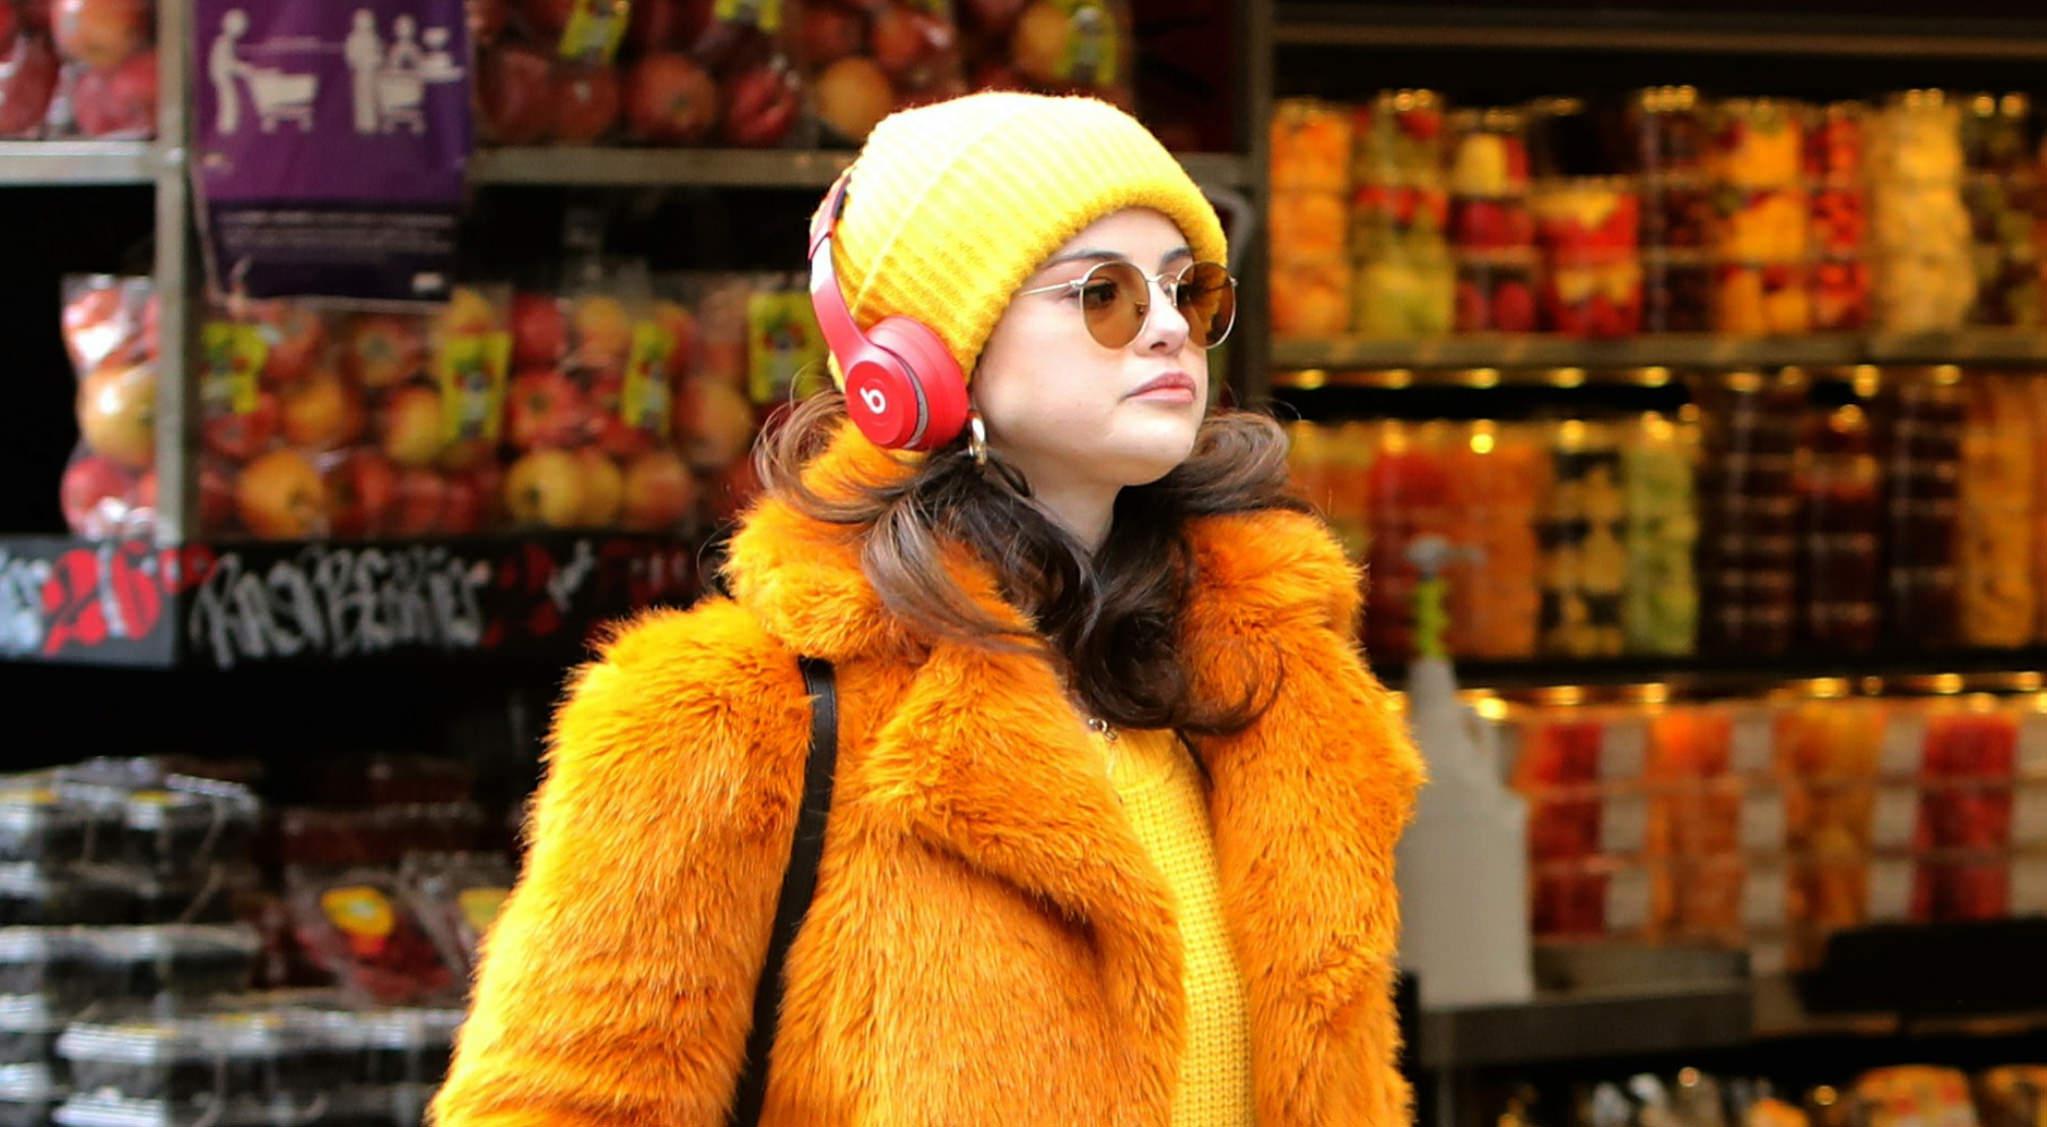 Selena Gomez khẳng định năng lực diễn xuất với vai Mabel, mang đến màu sắc tươi mới, trẻ trung cho tác phẩm.